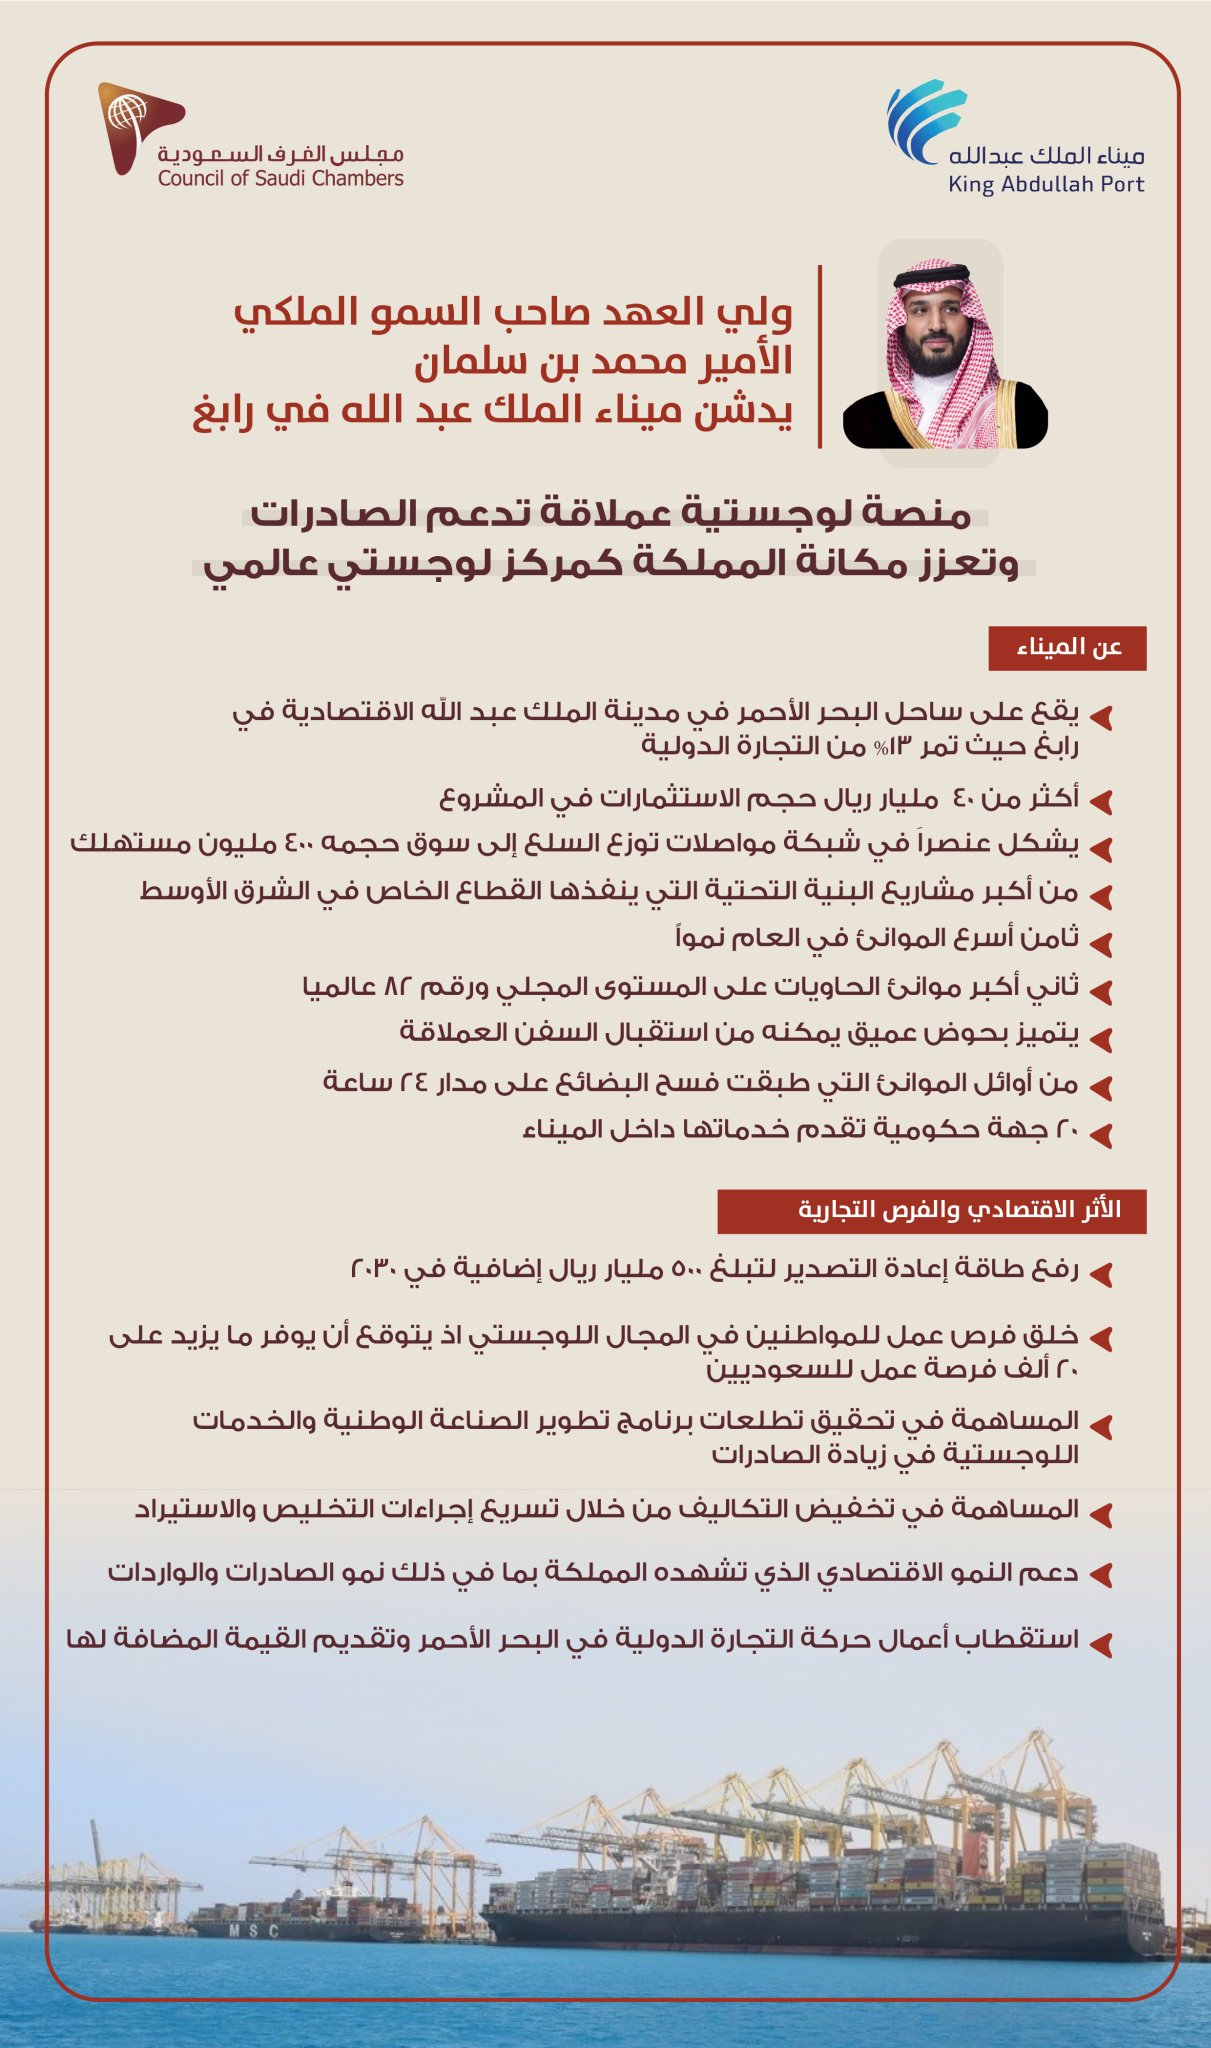 (AR) ولي العهد صاحب السمو الملكي الأمير محمد بن سلمان بن عبدالعزيز يدشن ميناء الملك عبدالله